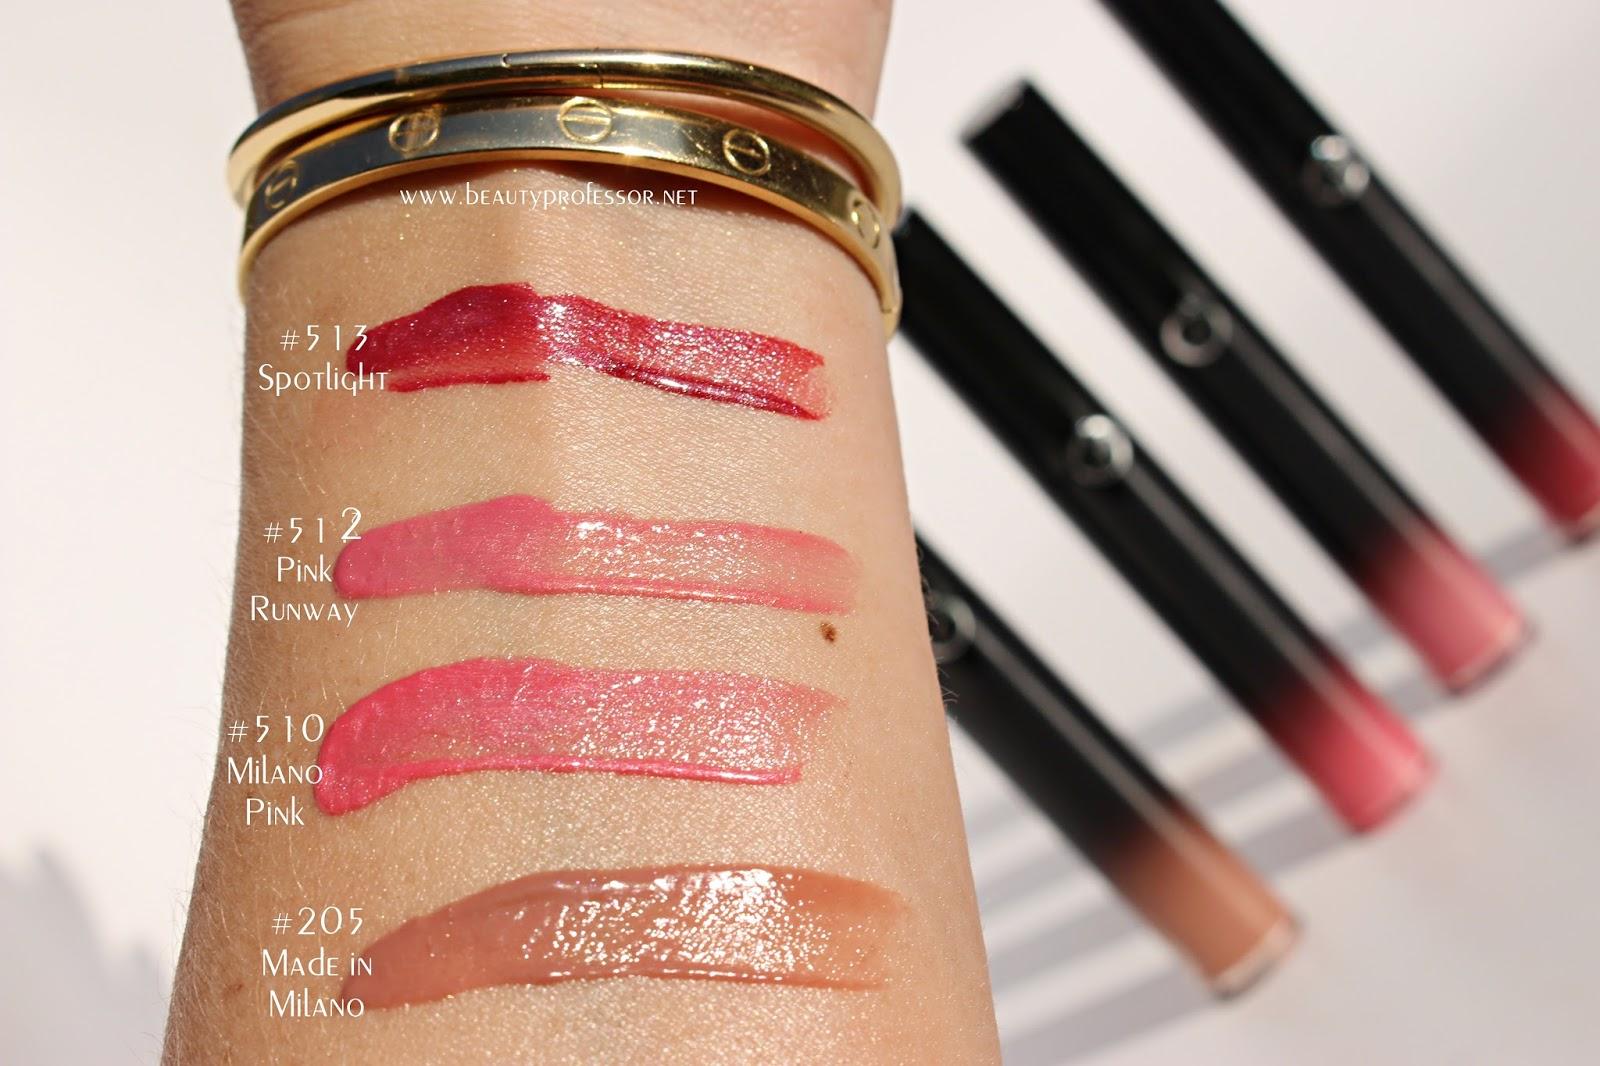 Ecstasy Lacquer Lip Gloss by Giorgio Armani Beauty #11